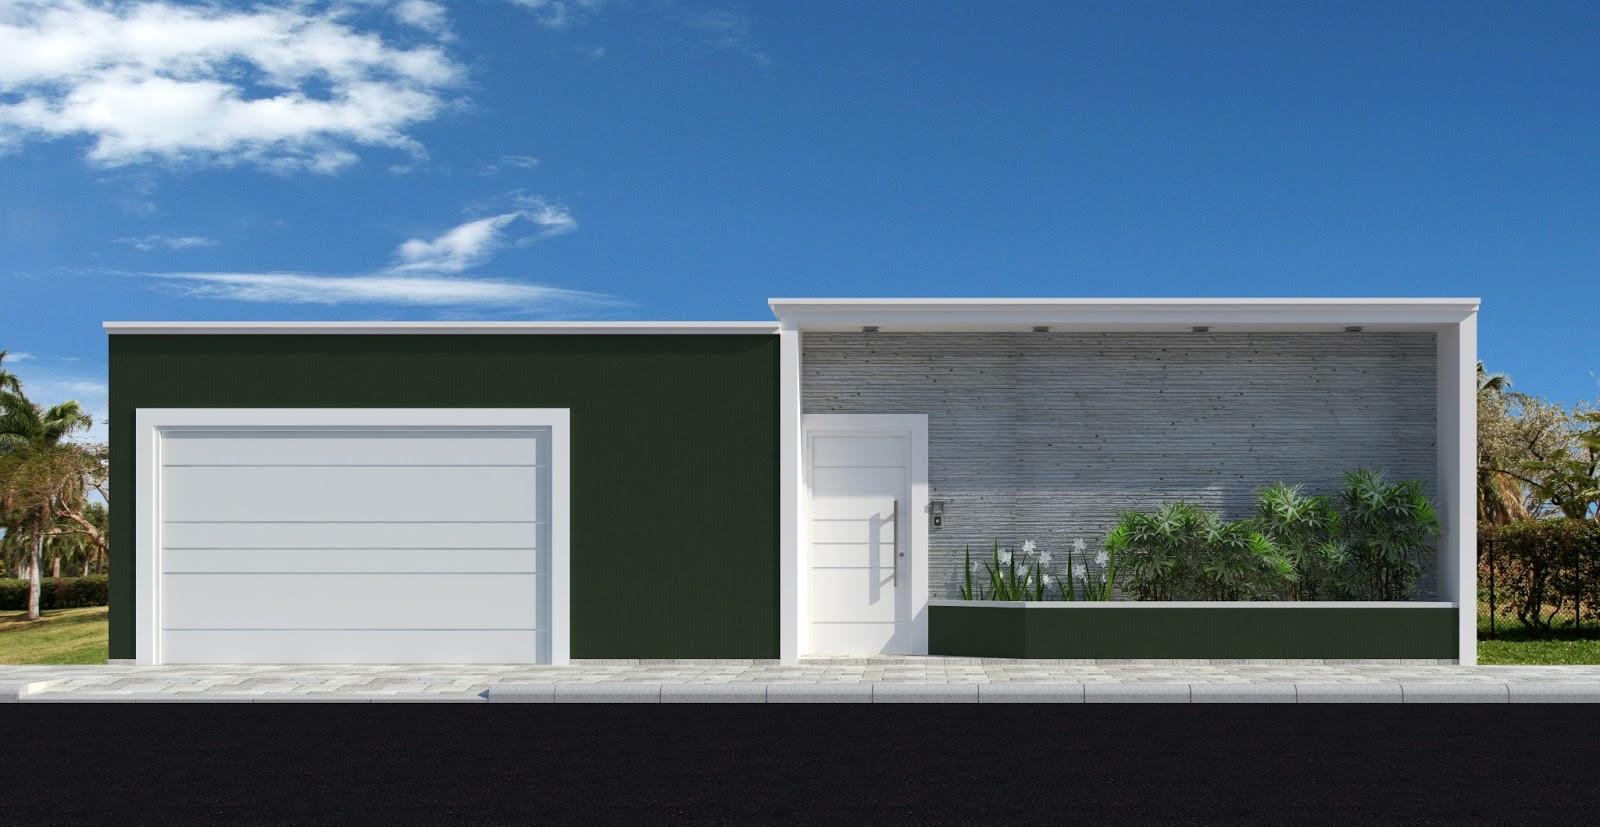 16 modelos de fachadas de casas pequenas e modernas for Modelos de fachadas modernas para casas